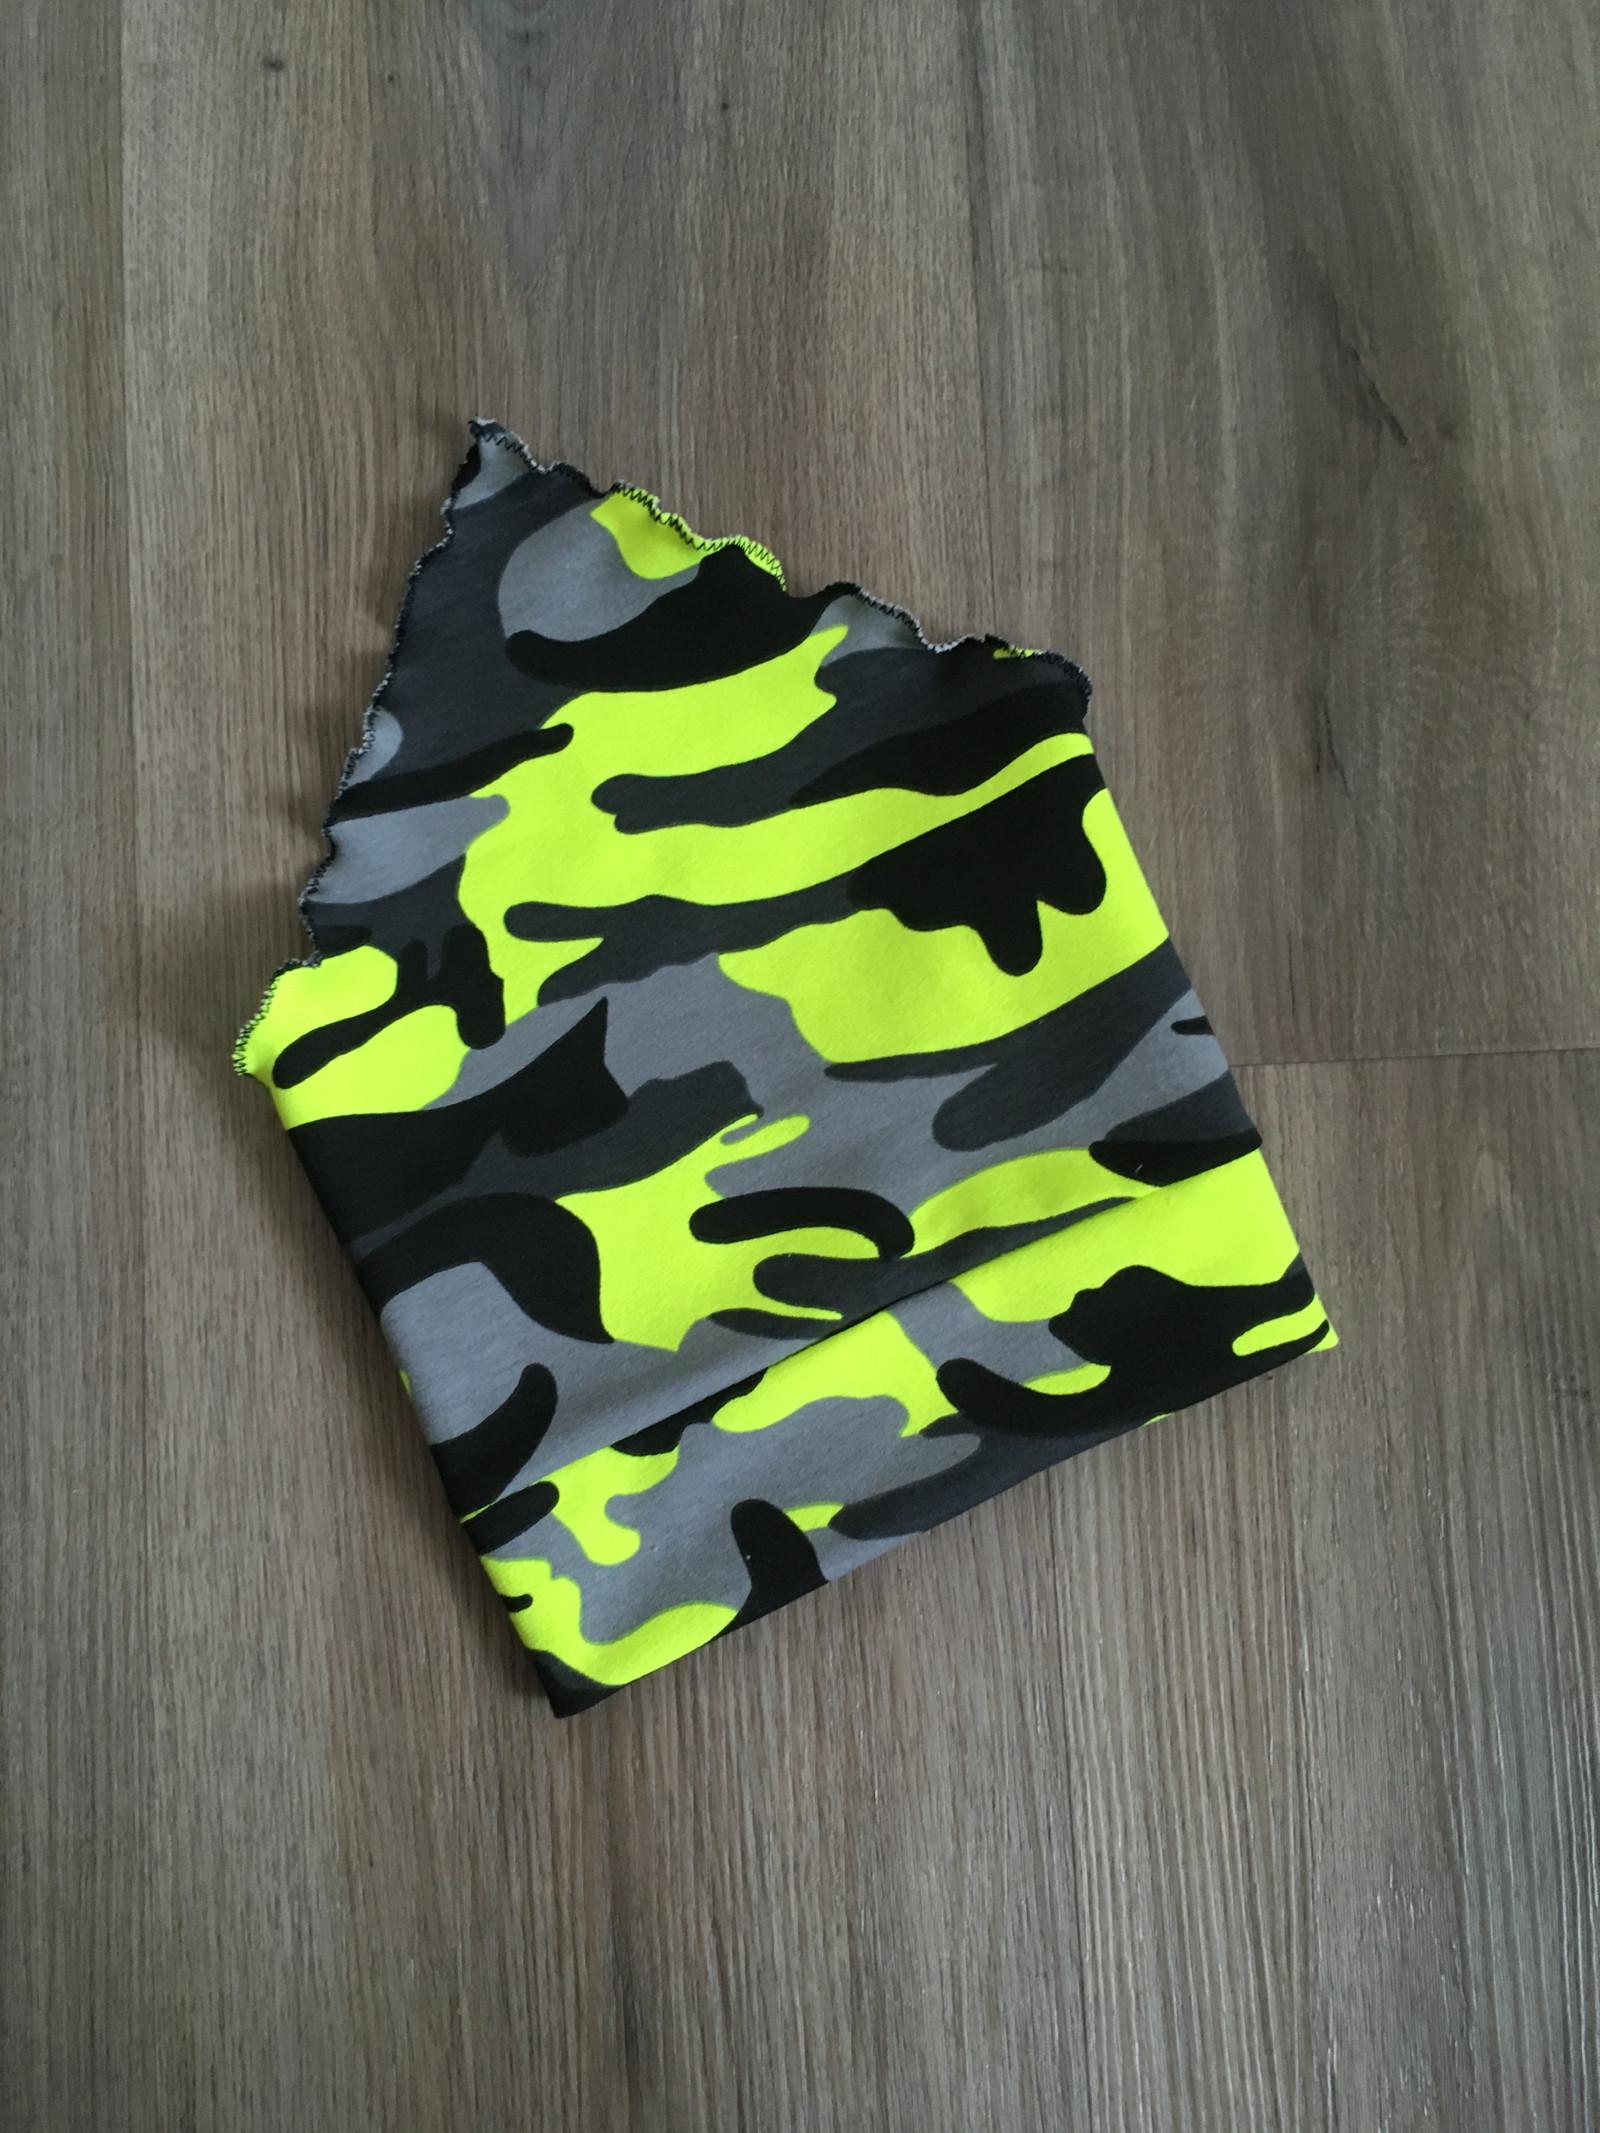 aa0f0fdd8 Šátek na hlavu - neon žlutý maskáč / Zboží prodejce BA-MI | Fler.cz